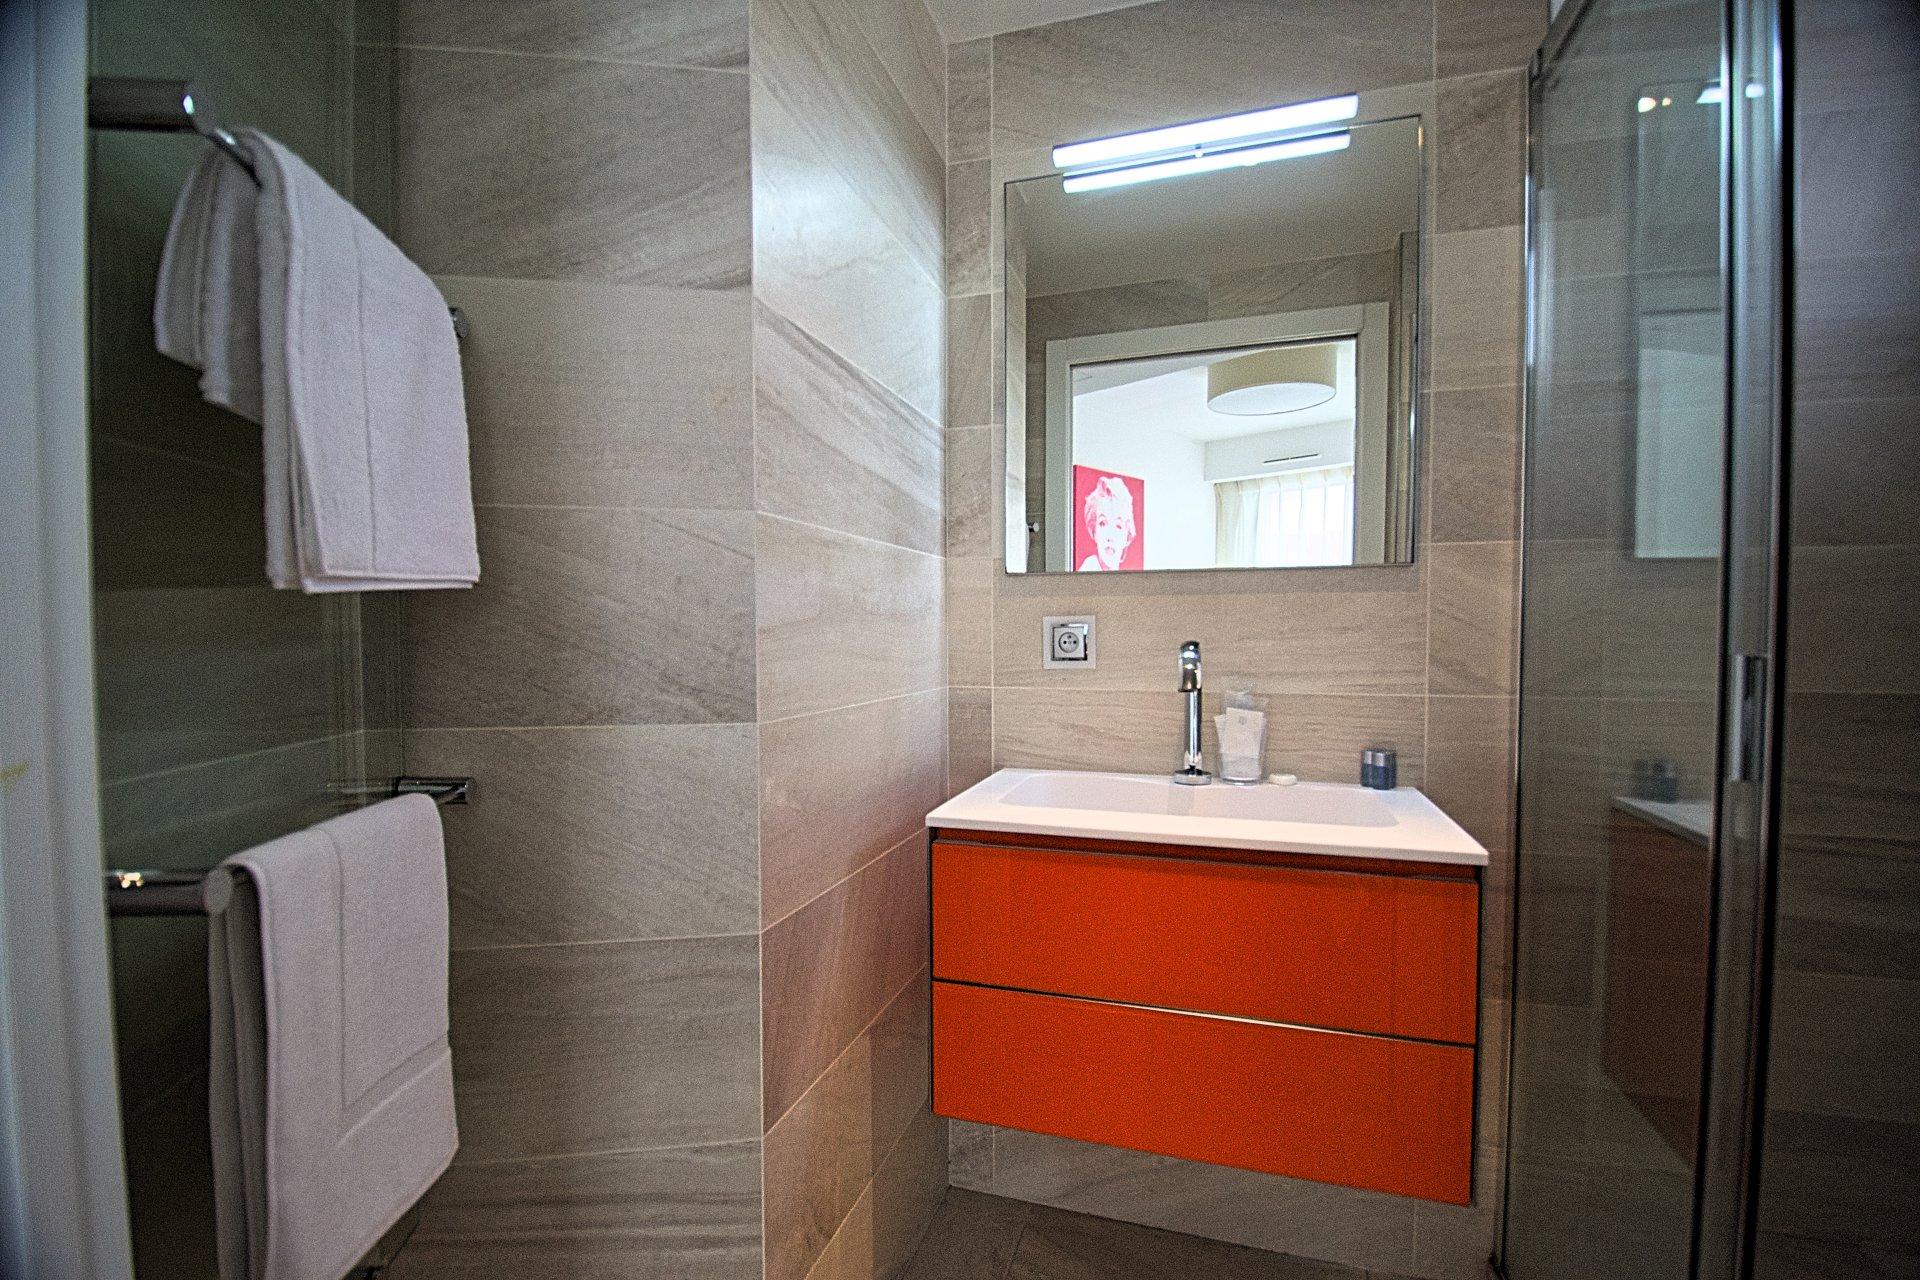 Seasonal rental Apartment - Cannes 7 Croisette - N°602